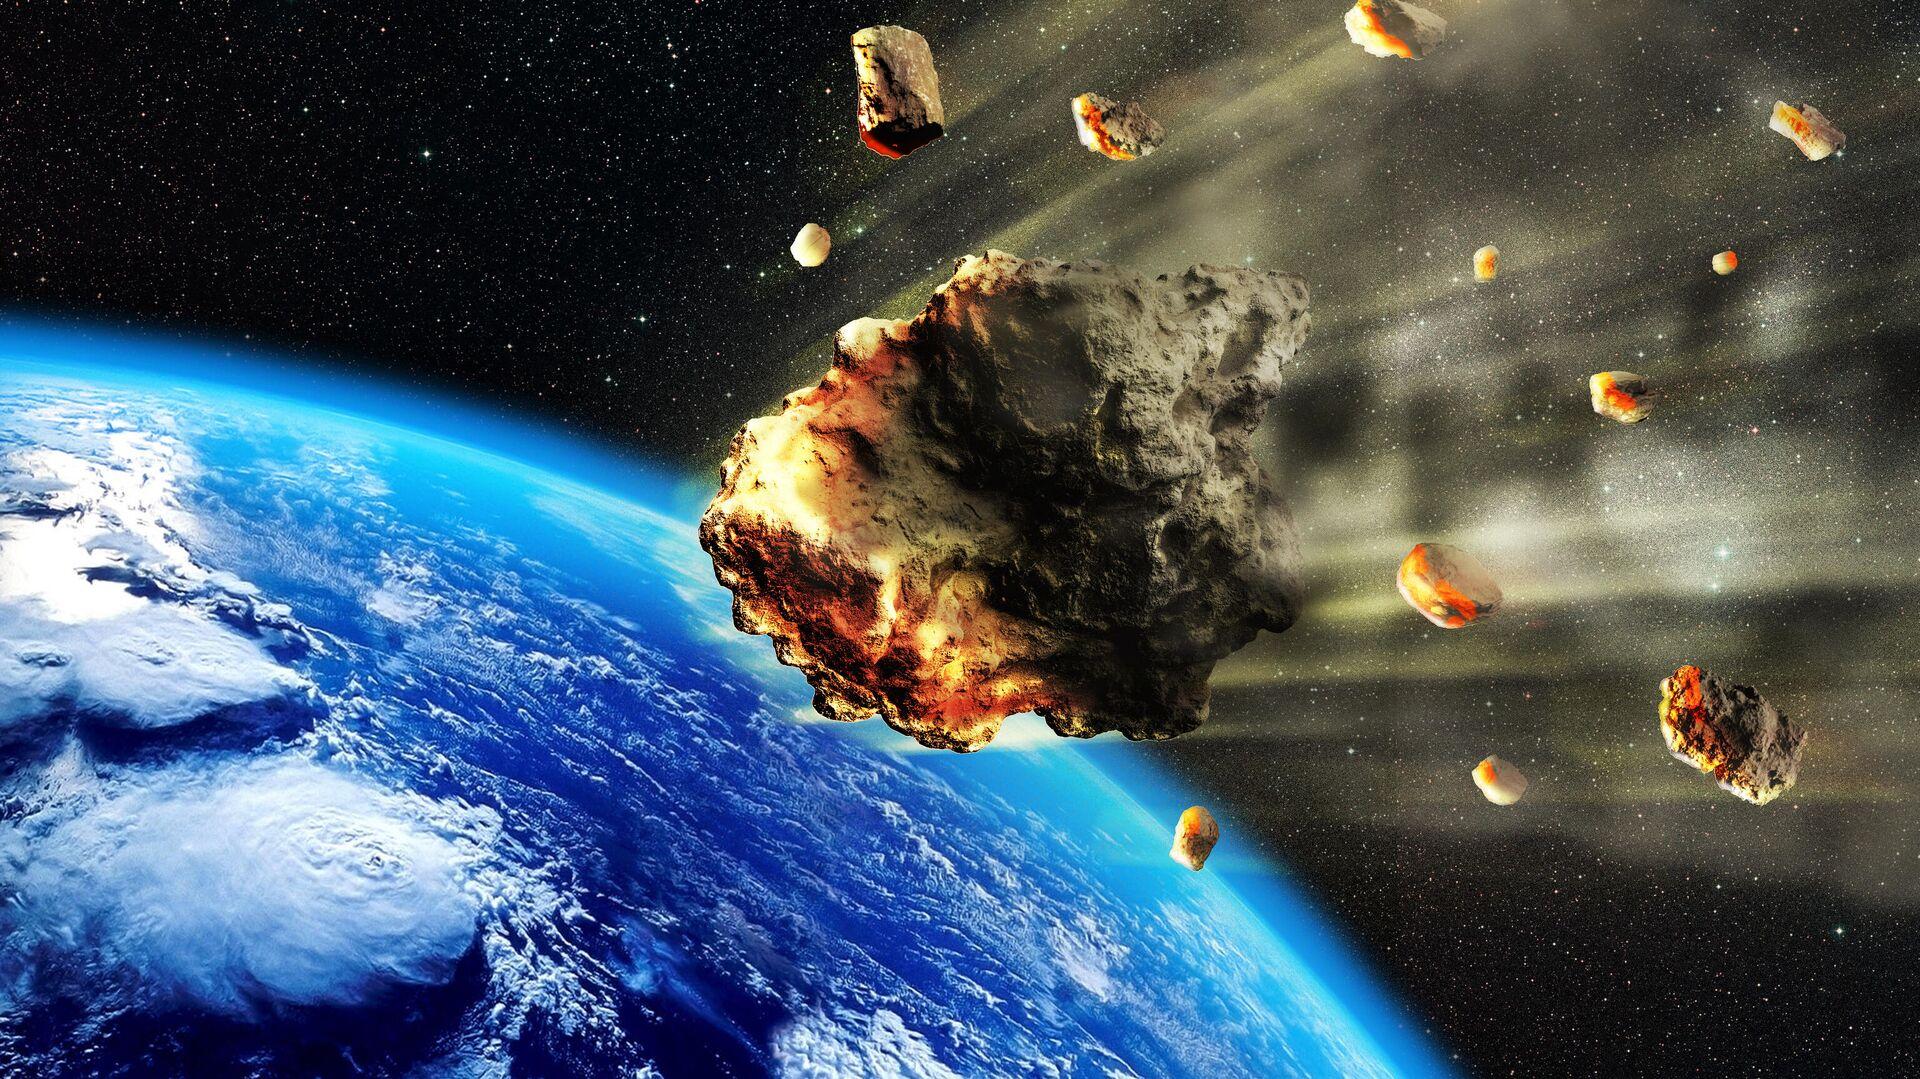 Астероиды в атмосфере Земли - РИА Новости, 1920, 05.01.2021